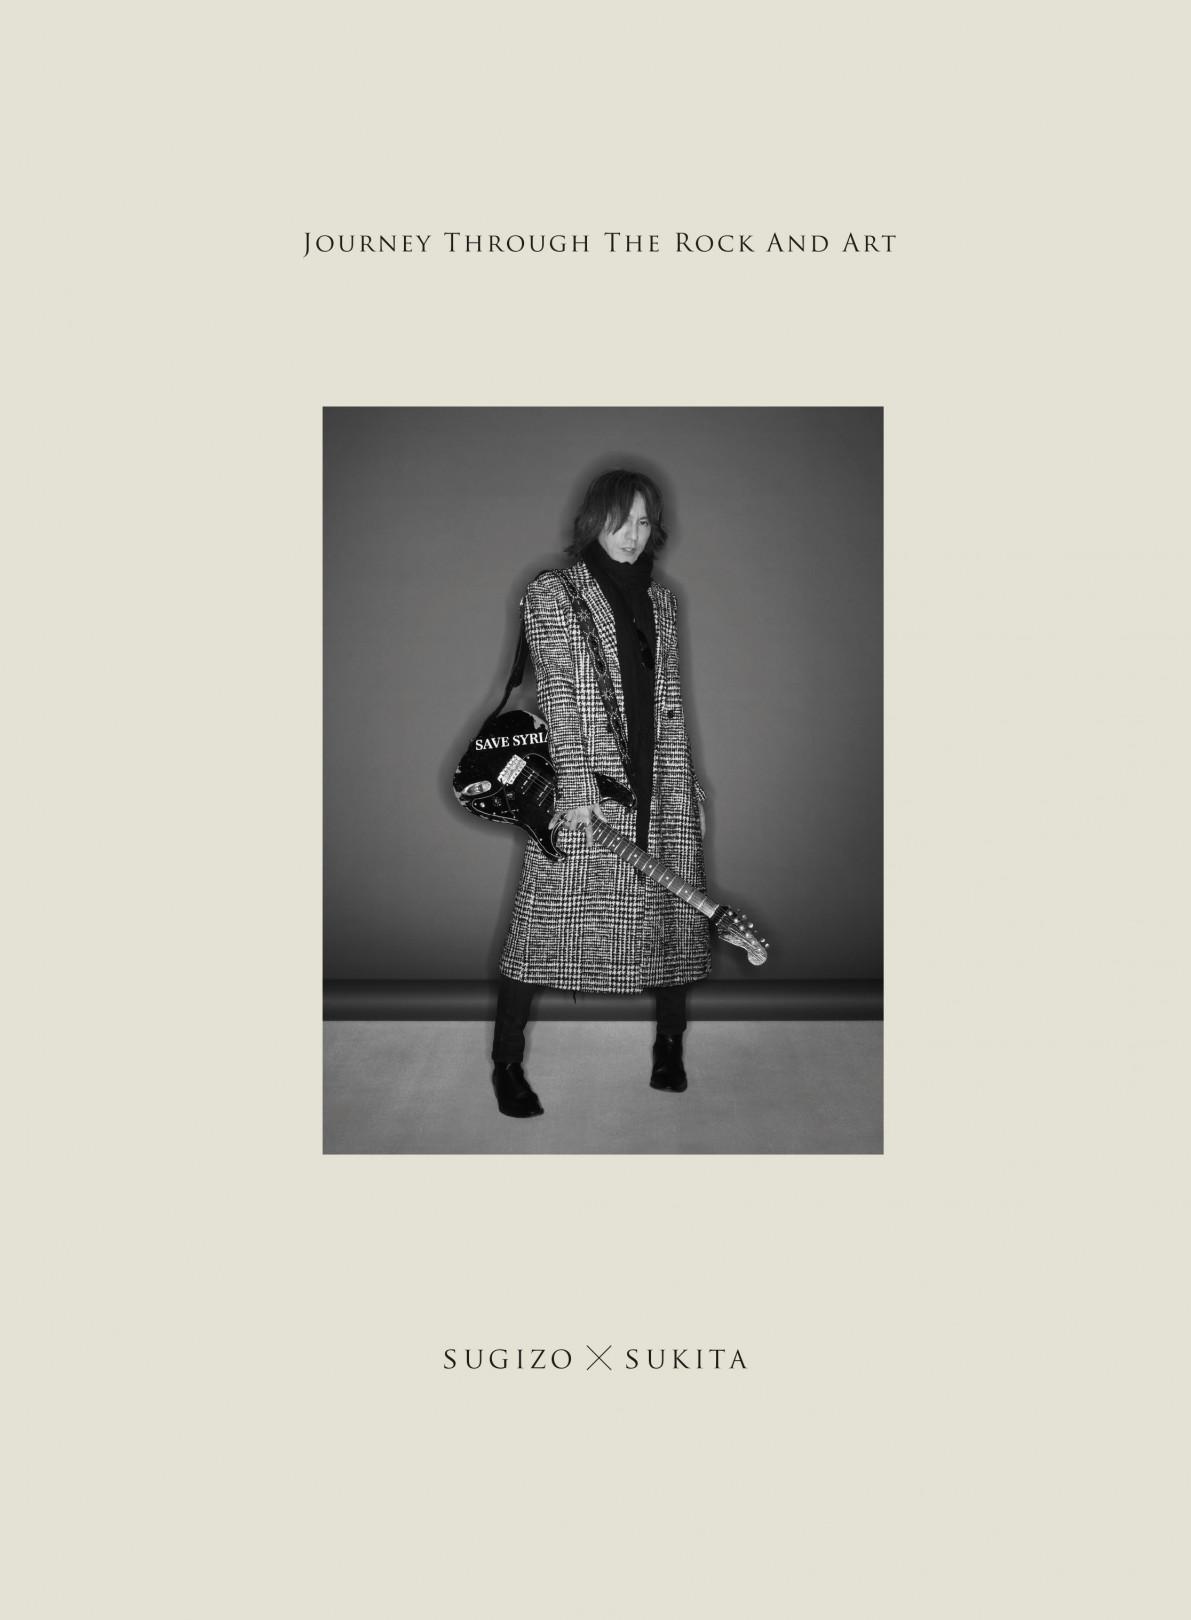 音楽家・SUGIZO を写真家・鋤田正義が撮り下ろした写真集が発売。発刊記念の展覧会がGALLERY X BY PARCOにて開催